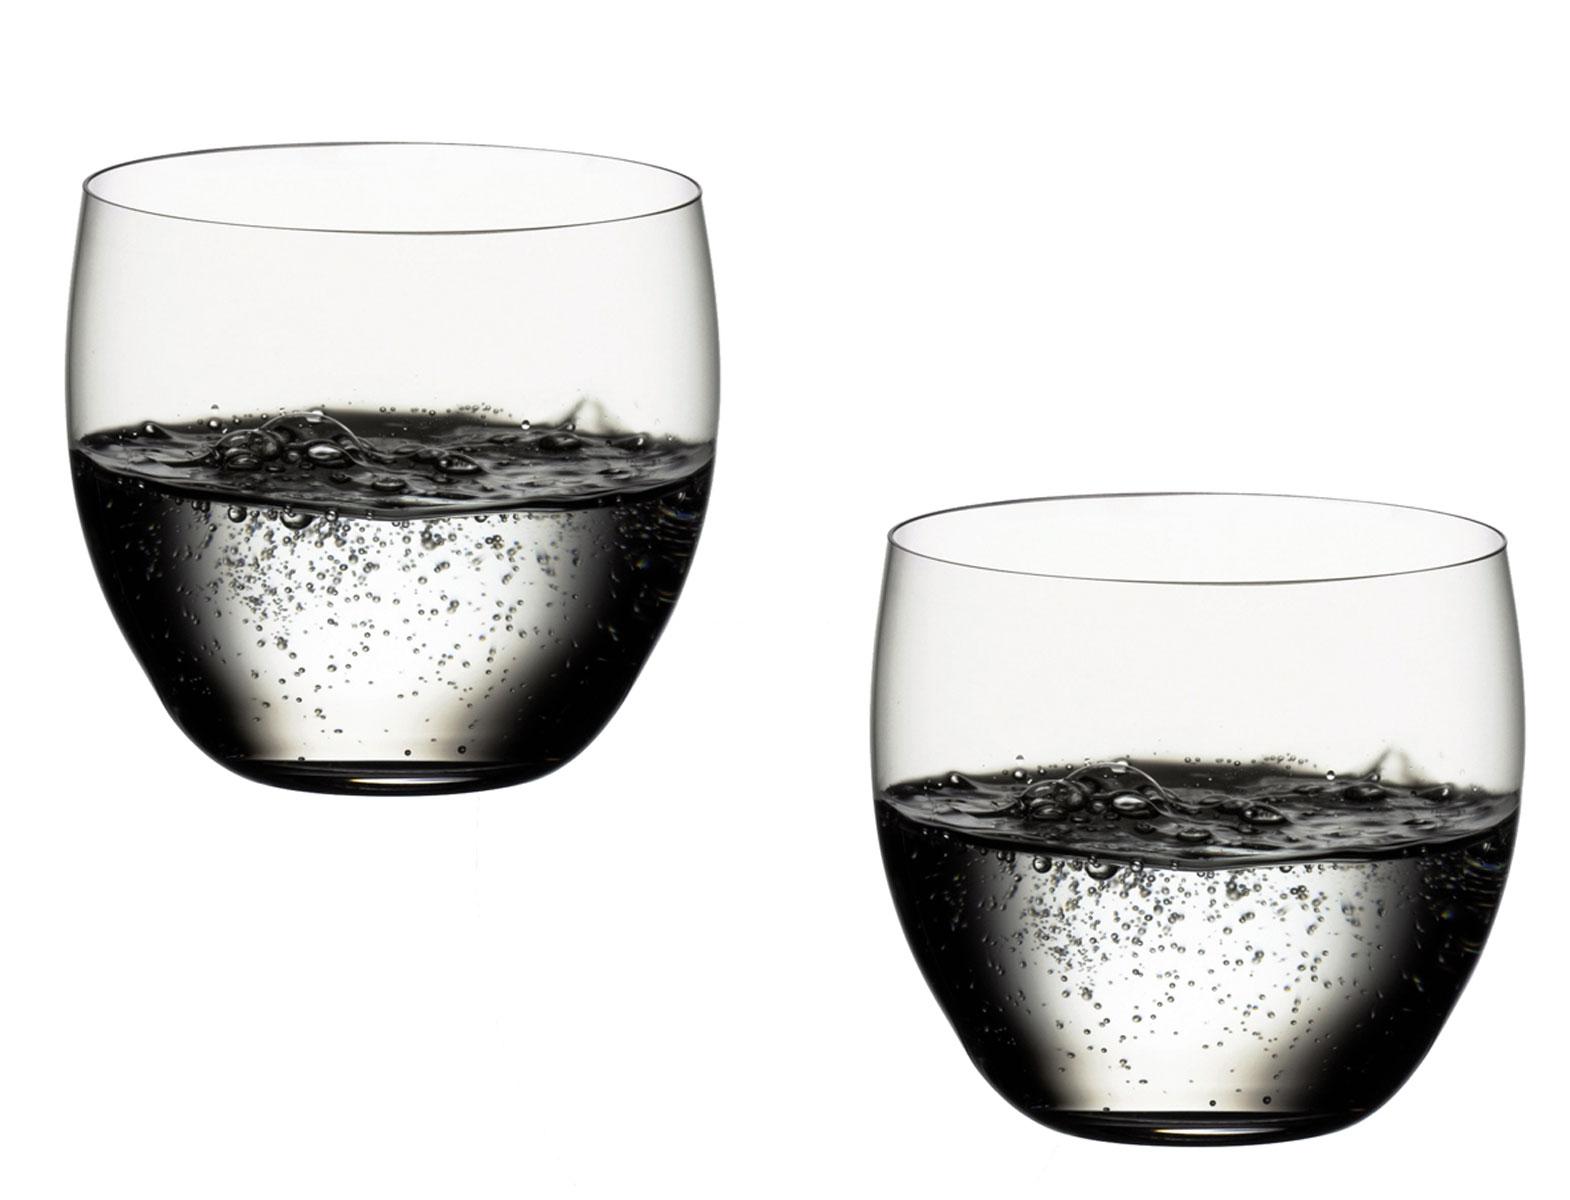 Набор стаканов Riedel Vinum XL, 371 мл, 2 штVT-1520(SR)Набор Riedel Vinum XL состоит из двух стаканов, изготовленных из высококачественного стекла. Элегантный дизайн и изящные формы предметов набора привлекут к себе внимание и украсят интерьер.Стаканы идеально подойдут для сервировки стола и станут отличным подарком к любому празднику. Диаметр стакана (по верхнему краю): 8,5 см. Высота фужера: 8,5 см.